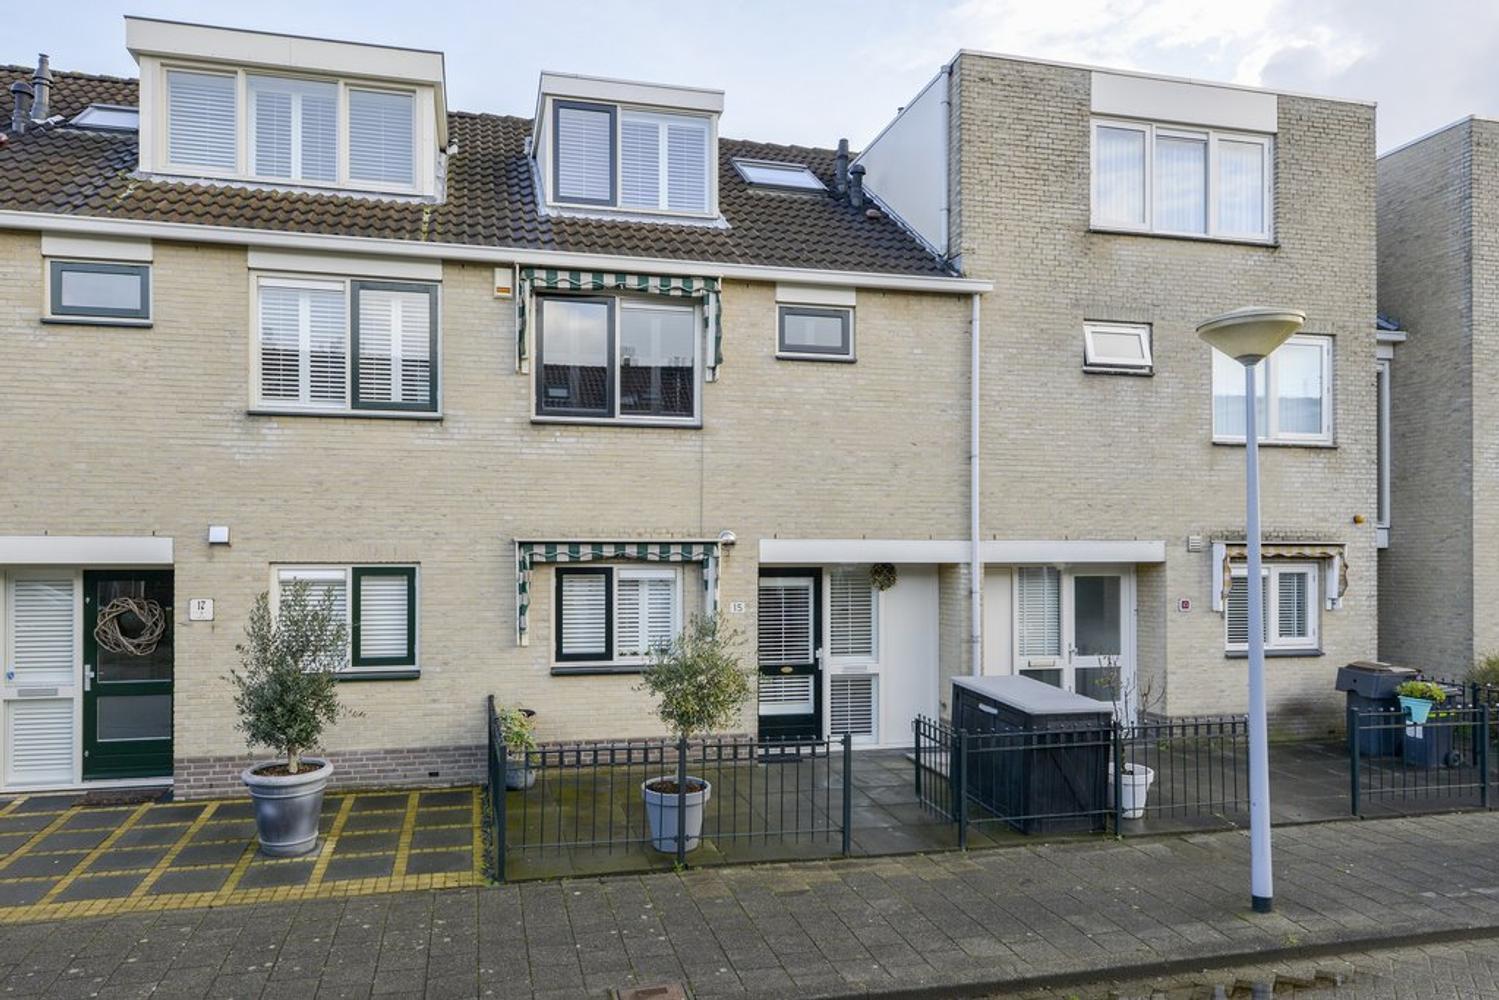 Rozenstraat 15 in badhoevedorp 1171 mx: woonhuis. barnhoorn